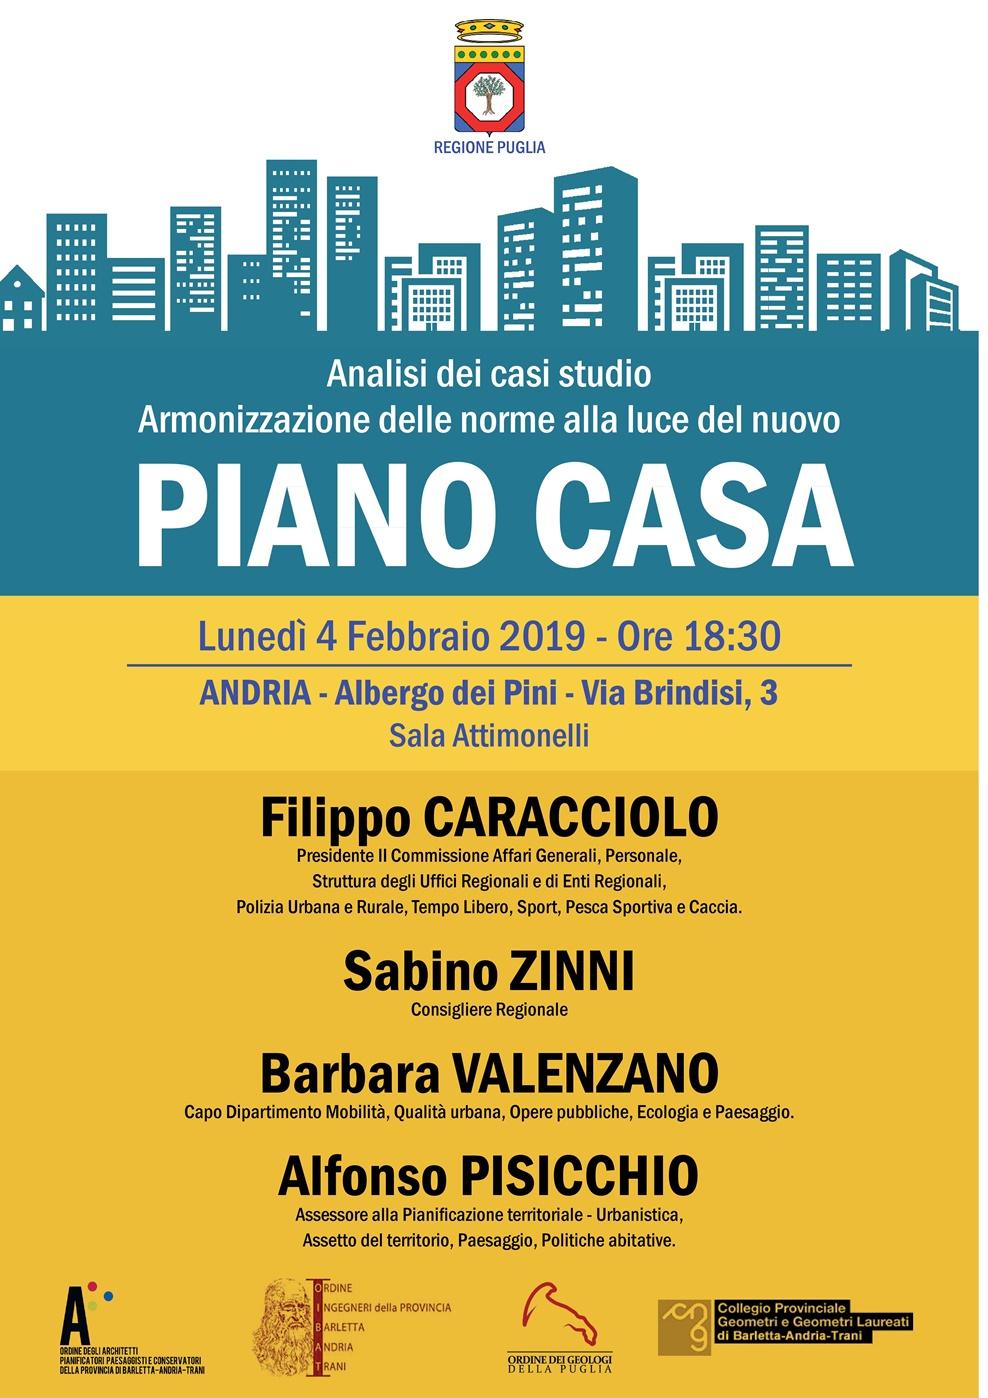 Piano Casa: incontro il 4 febbraio - Comune di Andria